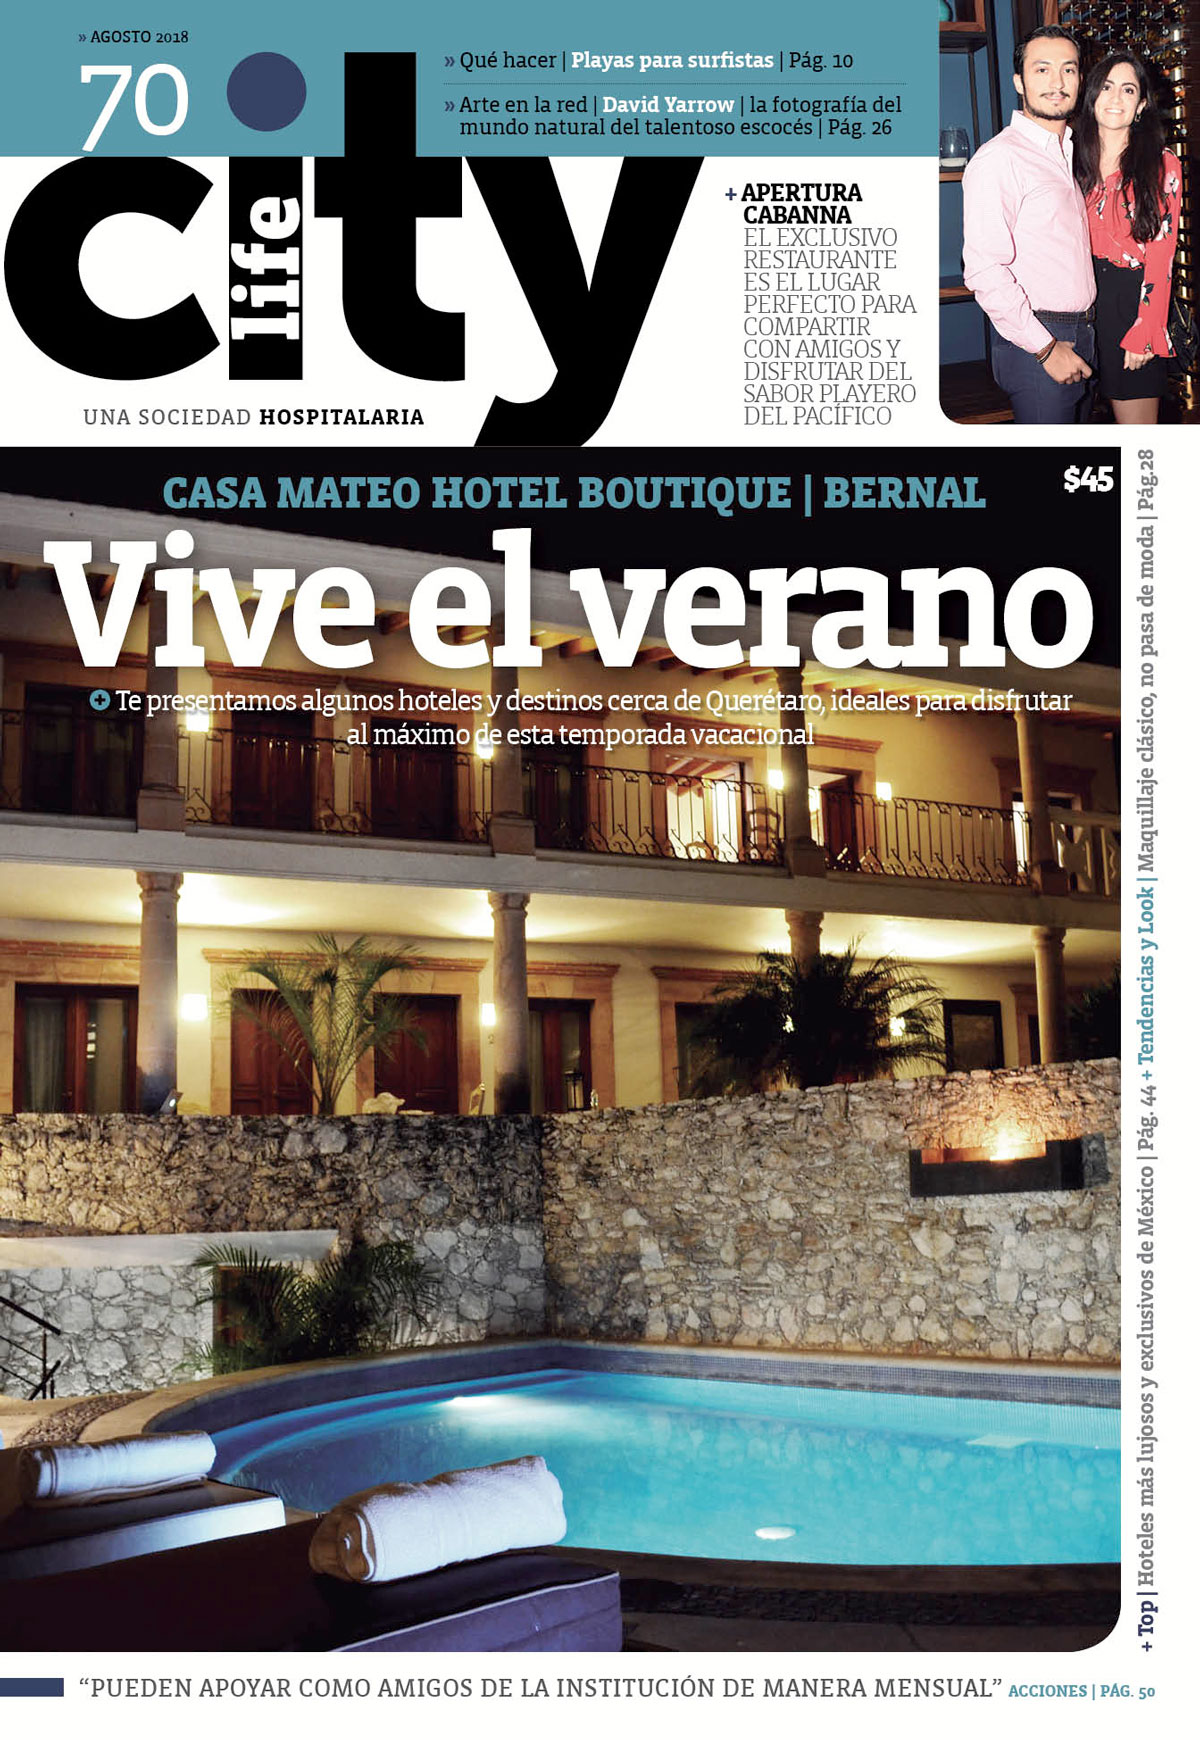 » CASA MATEO HOTEL BOUTIQUE